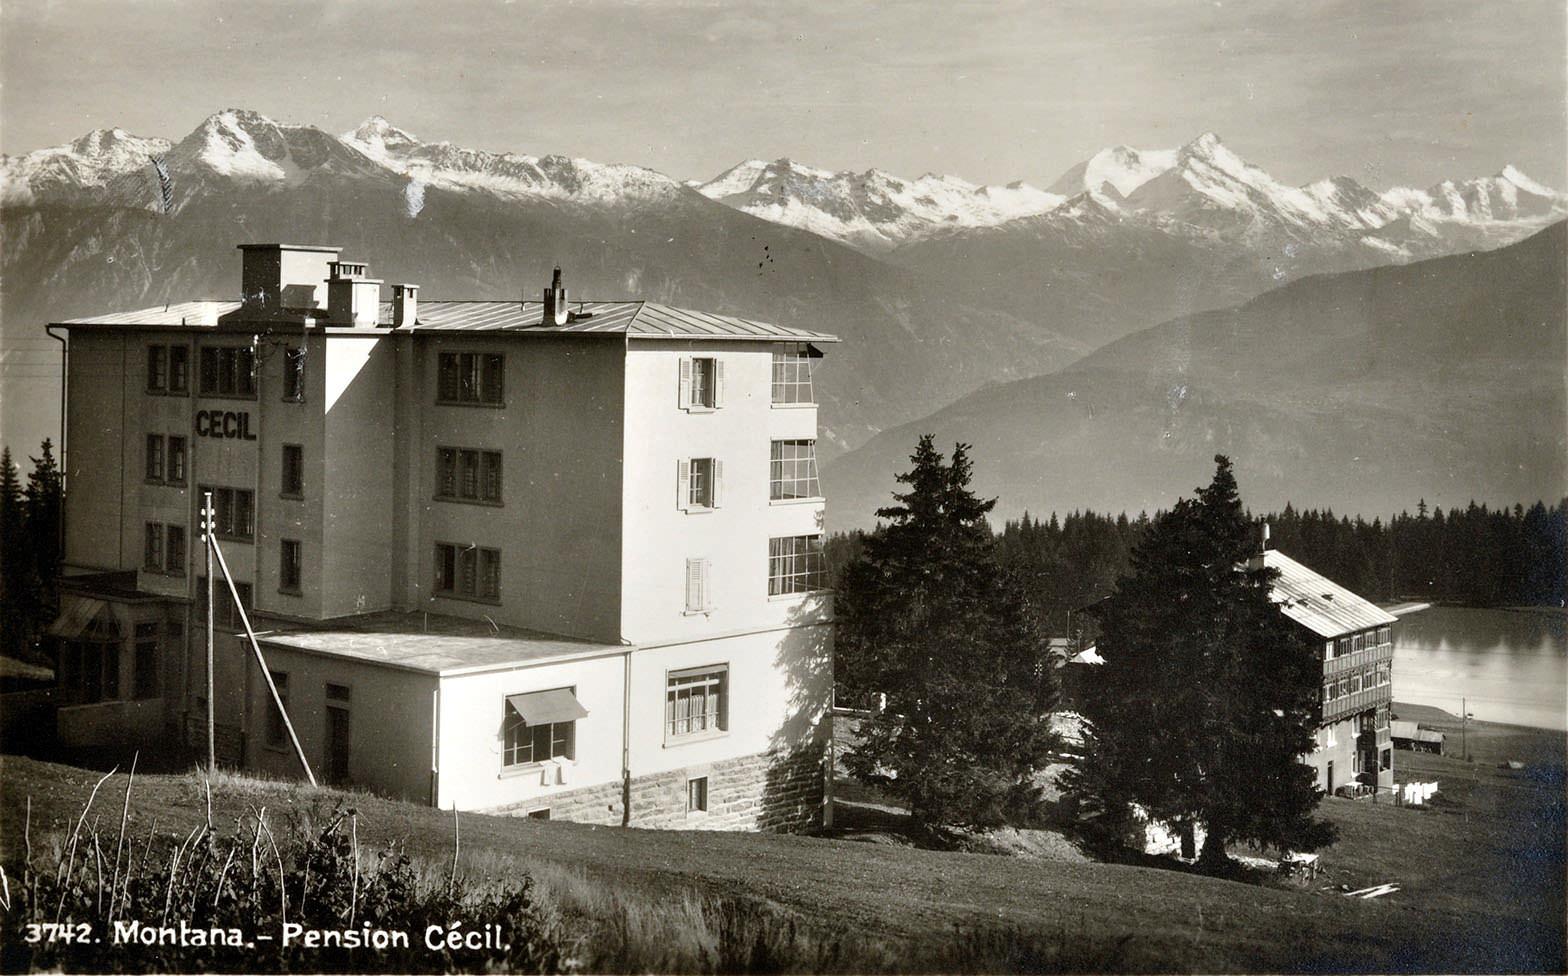 Abb. 6  Montana - Pension Cécil, c.a. 1936, Ansichtskarte , ungelaufen ©Zentrum Paul Klee, Bern, Schenkung Familie Klee Bildarchiv